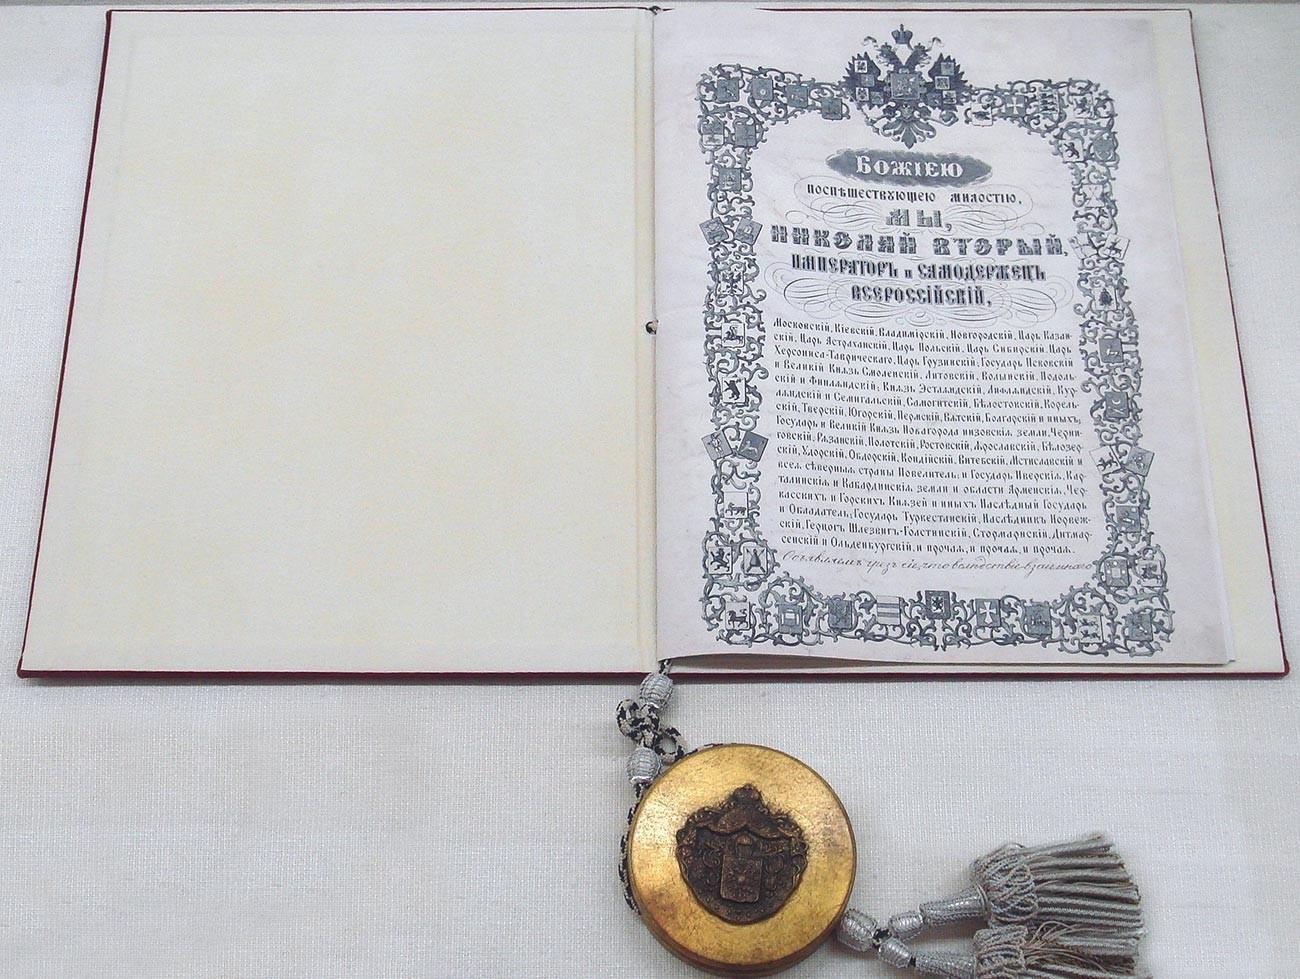 Ратификација Портсмутског мировног споразума између Јапана и Русије, 25. новембар 1905.